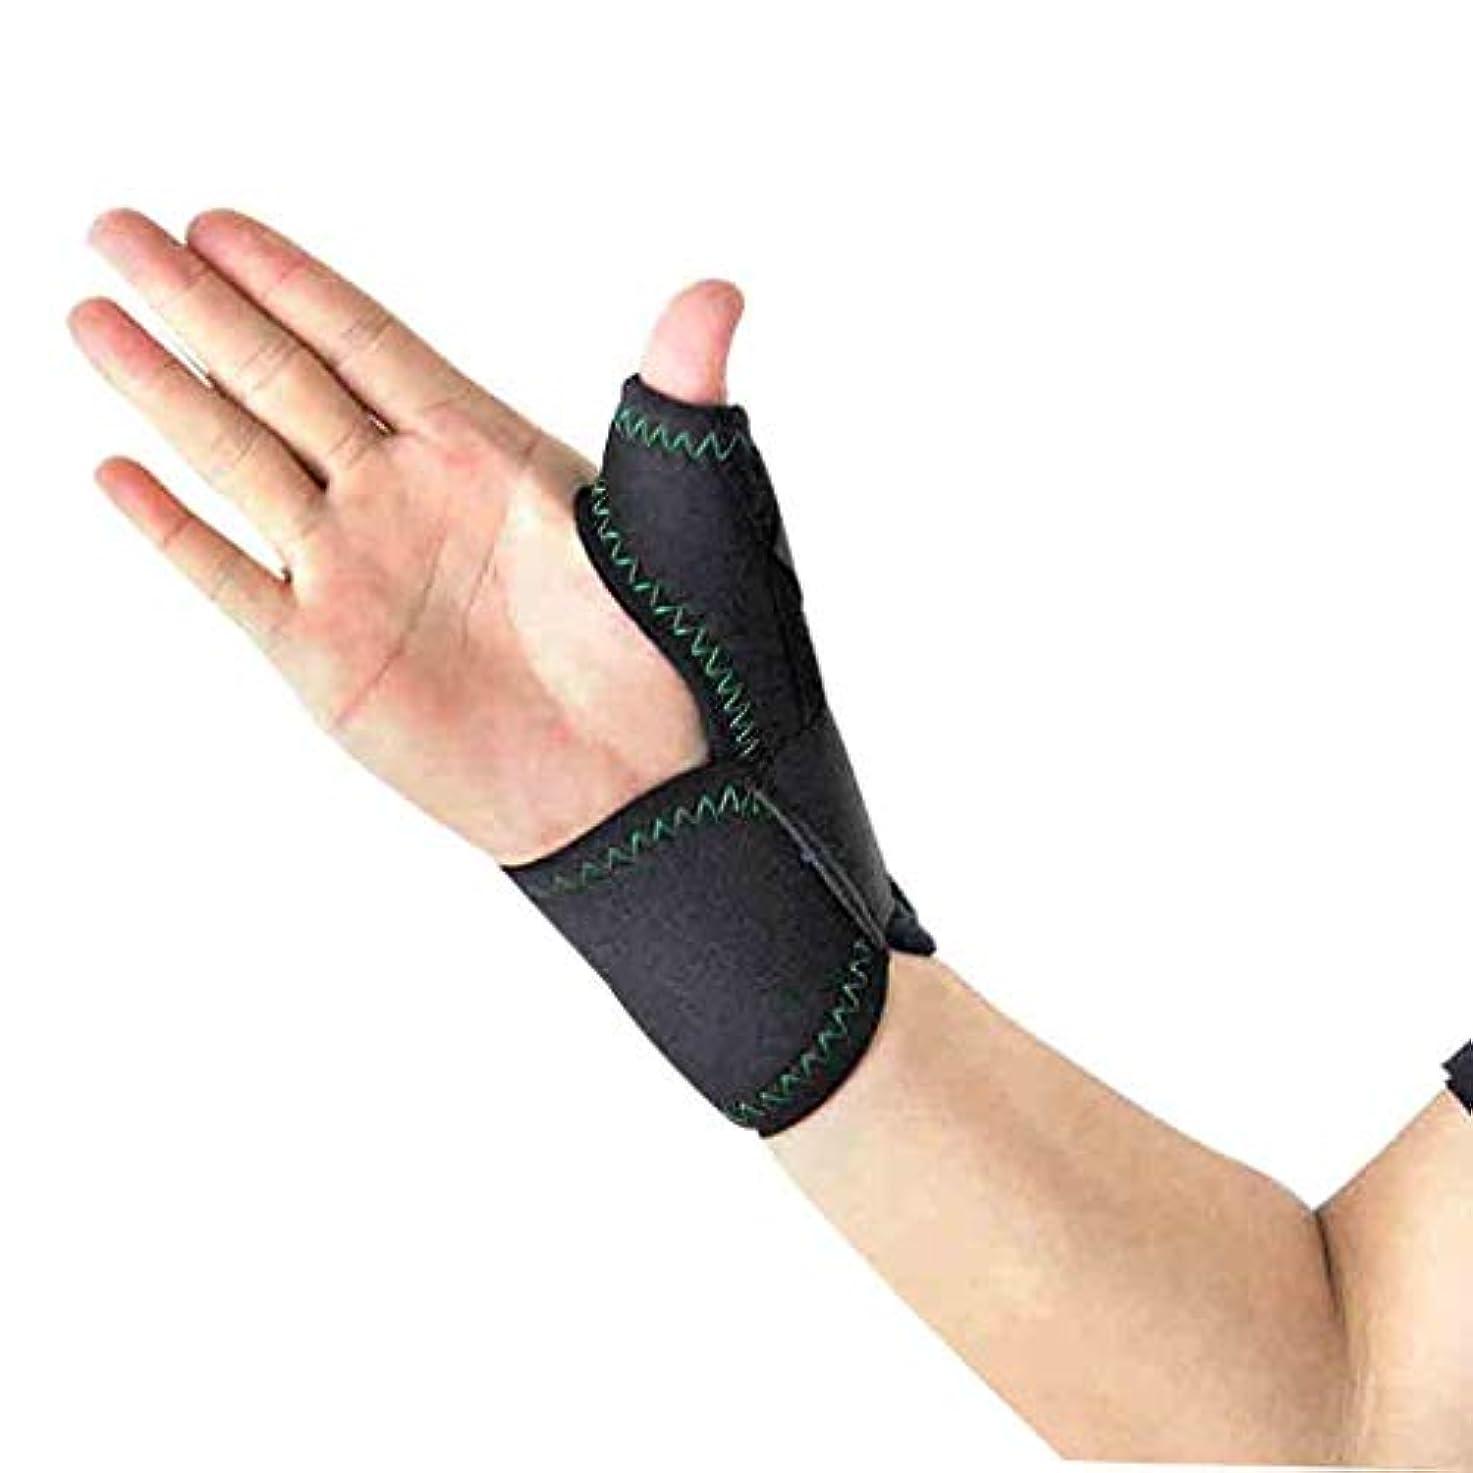 スクラップブック長々と添加剤Thumbブレースは、手首のストラップでトリガーThumbガードのThumbのスプリントをラップします。ブレースThumbのスプリント、Thumbの関節炎の痛みを軽減するブレース(1個、ユニセックス、左&右手、M) Roscloud@